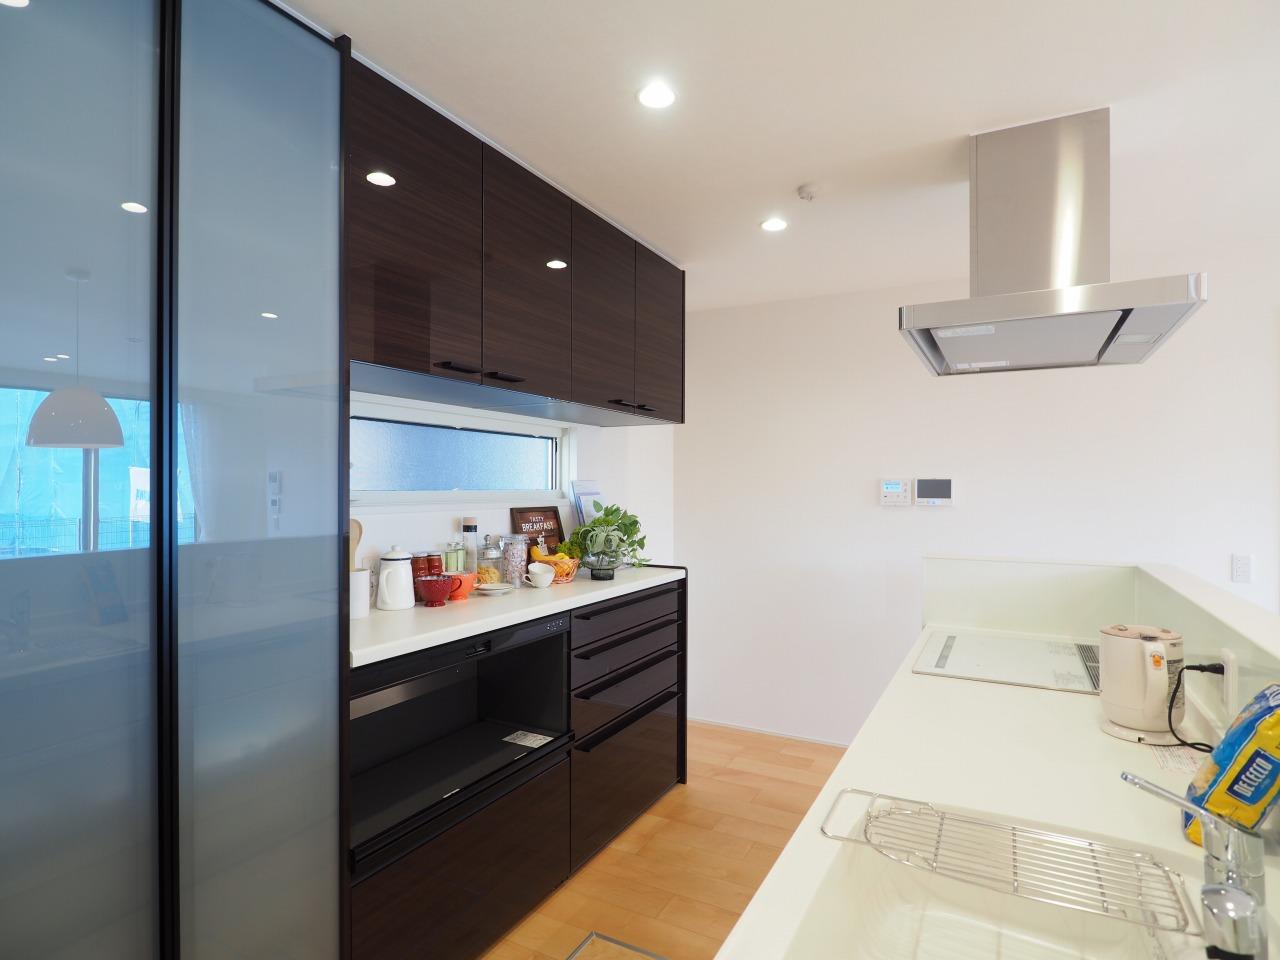 モデルハウス/住宅展示場情報:桃山モデルハウスのスライダー用サムネイル画像